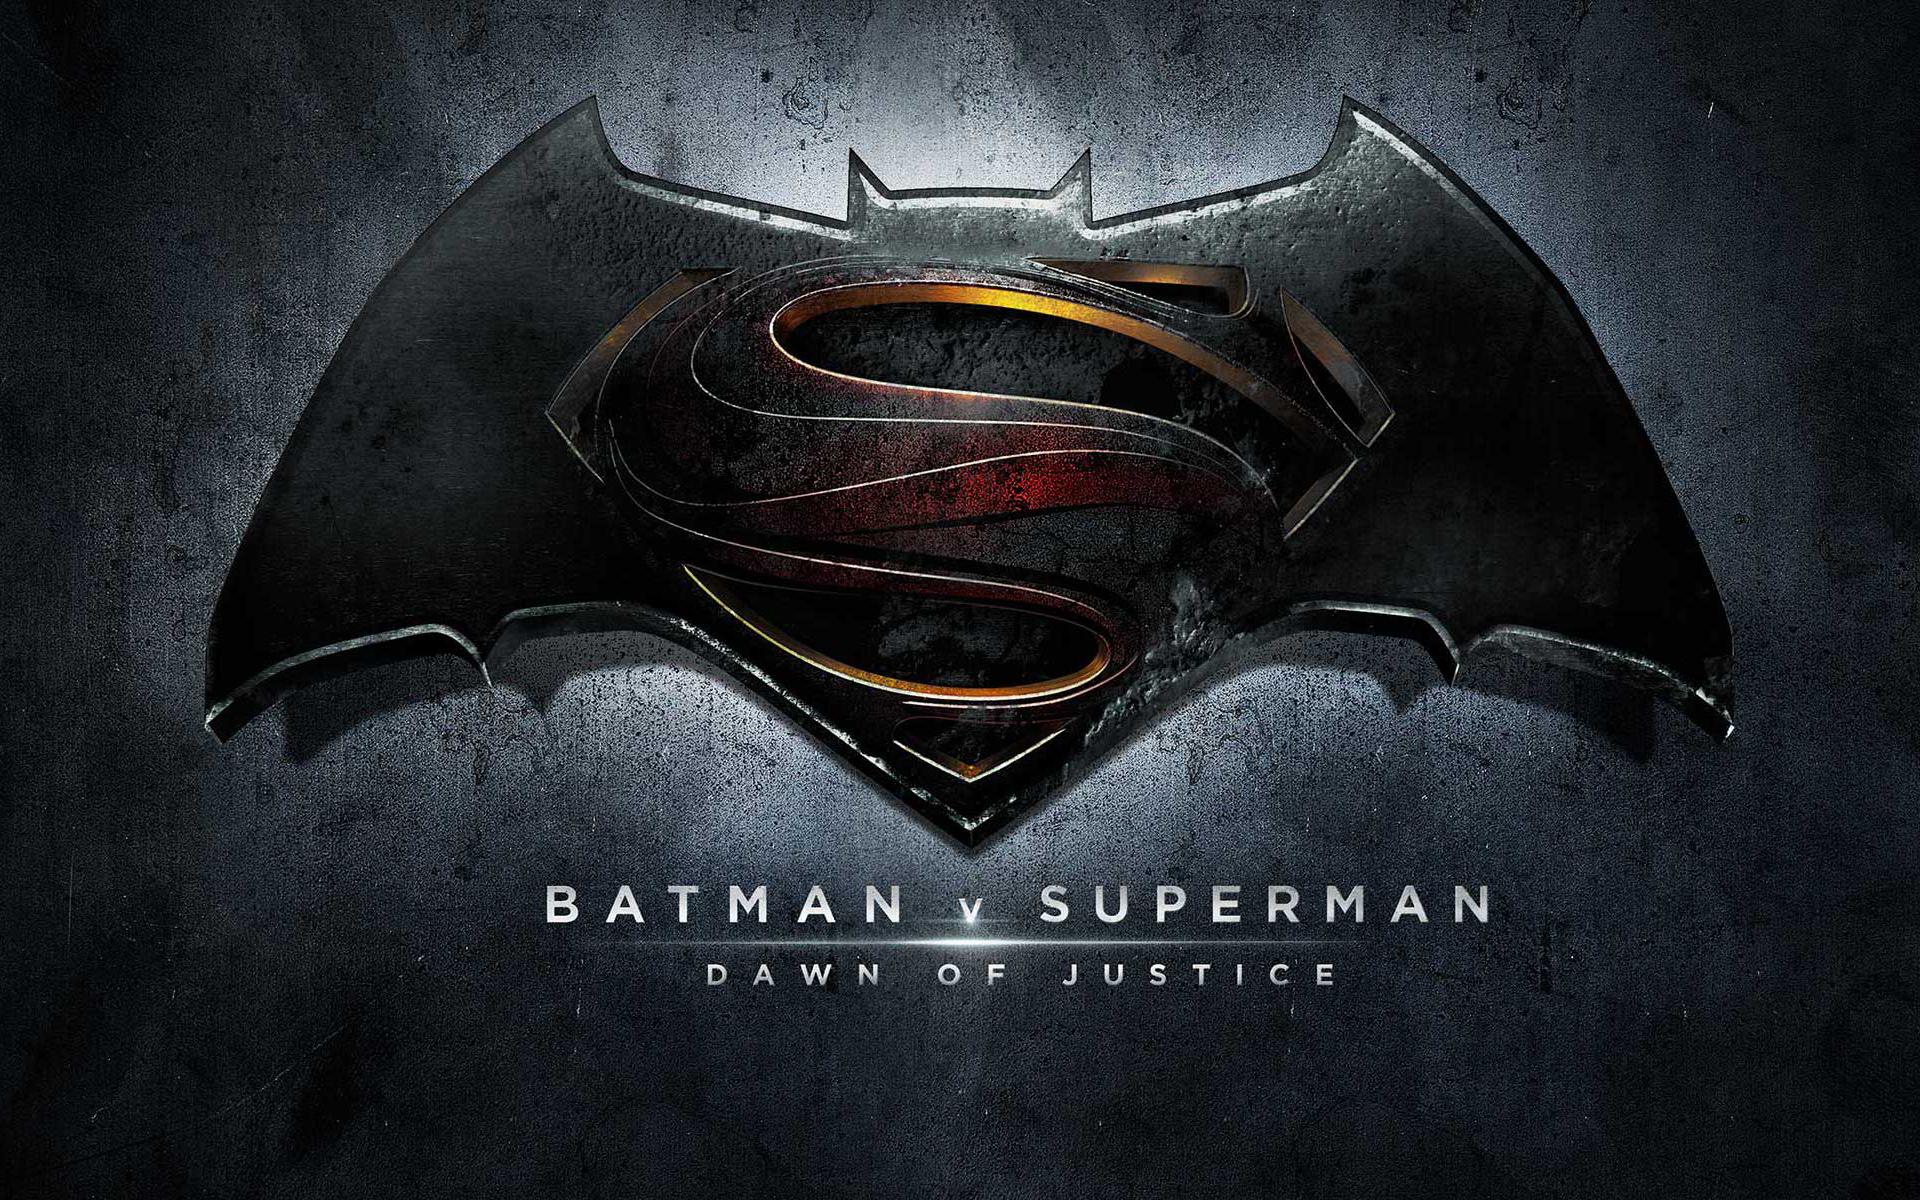 Download Batman Vs Superman Dawn Of Justice Logo HD Wallpaper 6670 1920x1200